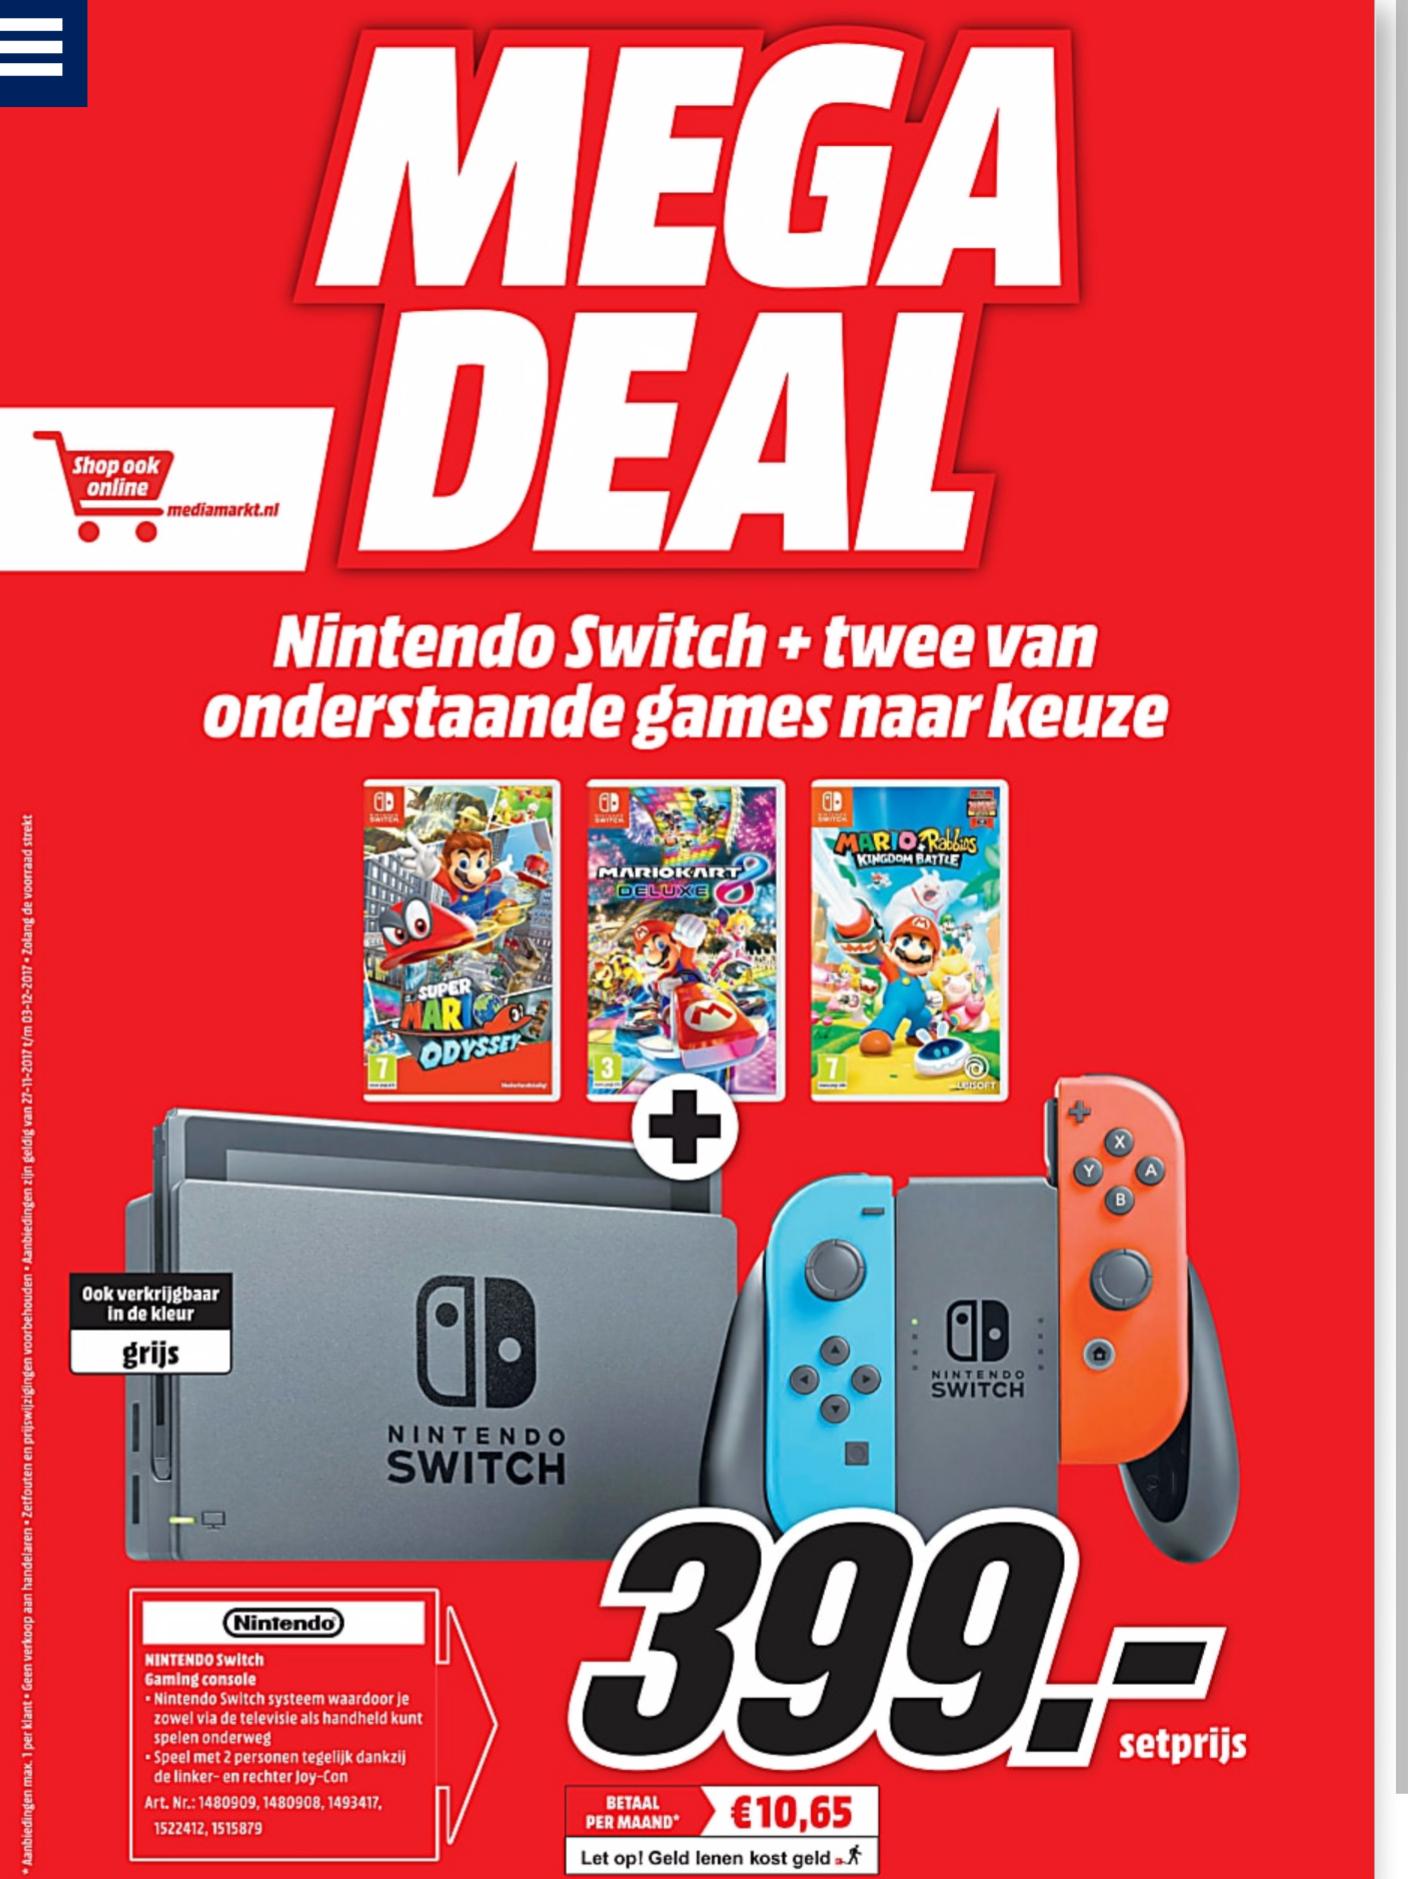 Media Markt Games